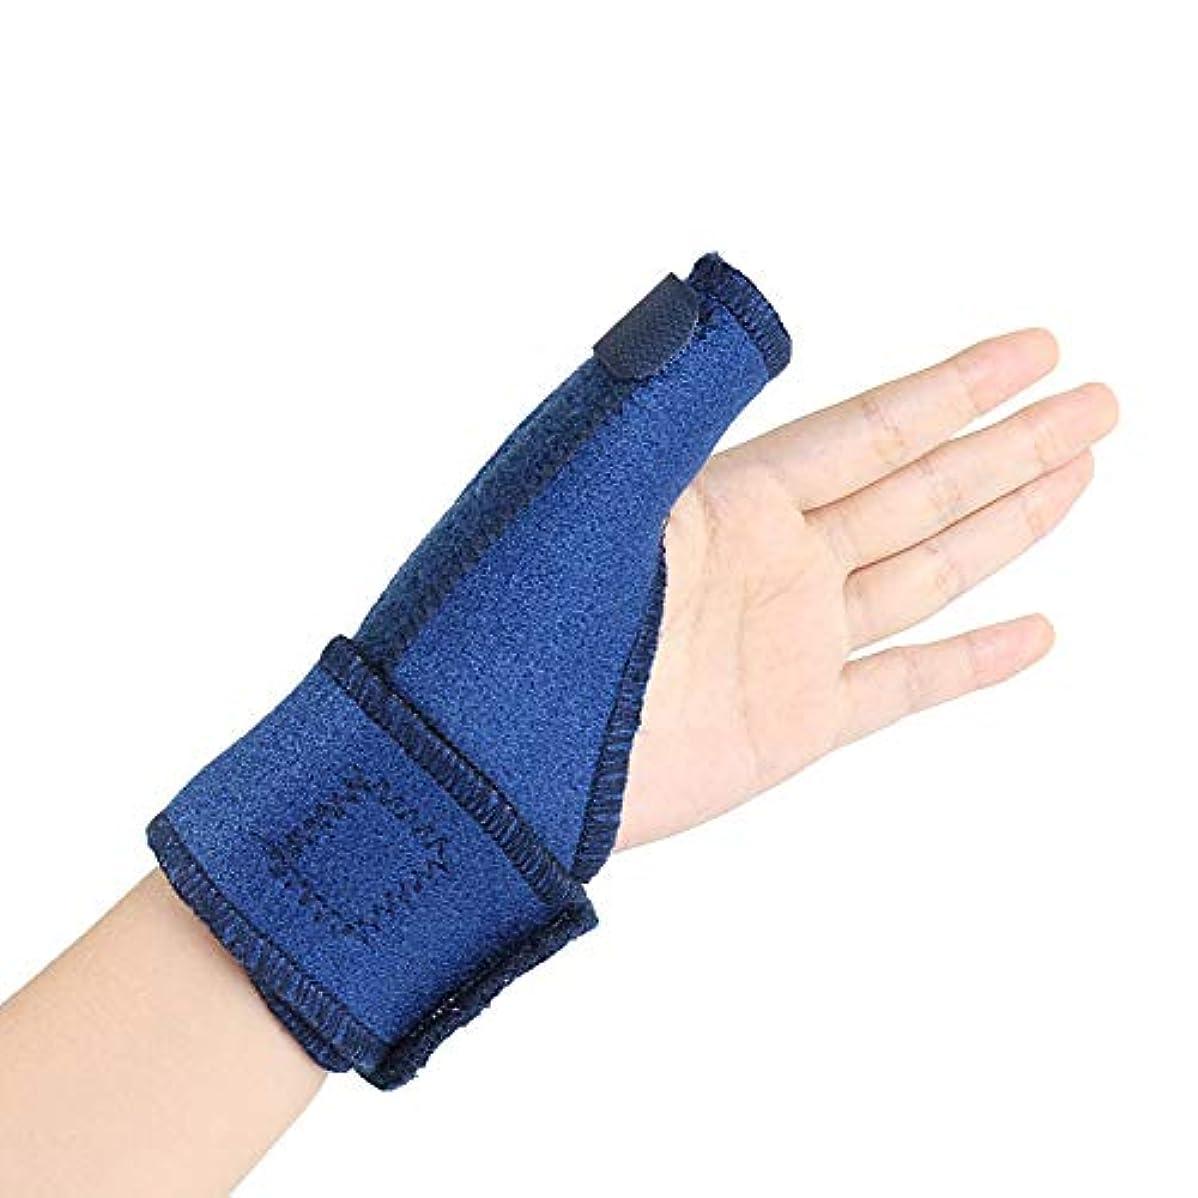 ルーム不実ルームyuio トリガーフィンガースプリントフィンガーブレースサムブレースサポート-関節炎用親指スピカスプリント、腱炎-シンプルなデザイン(右、青)